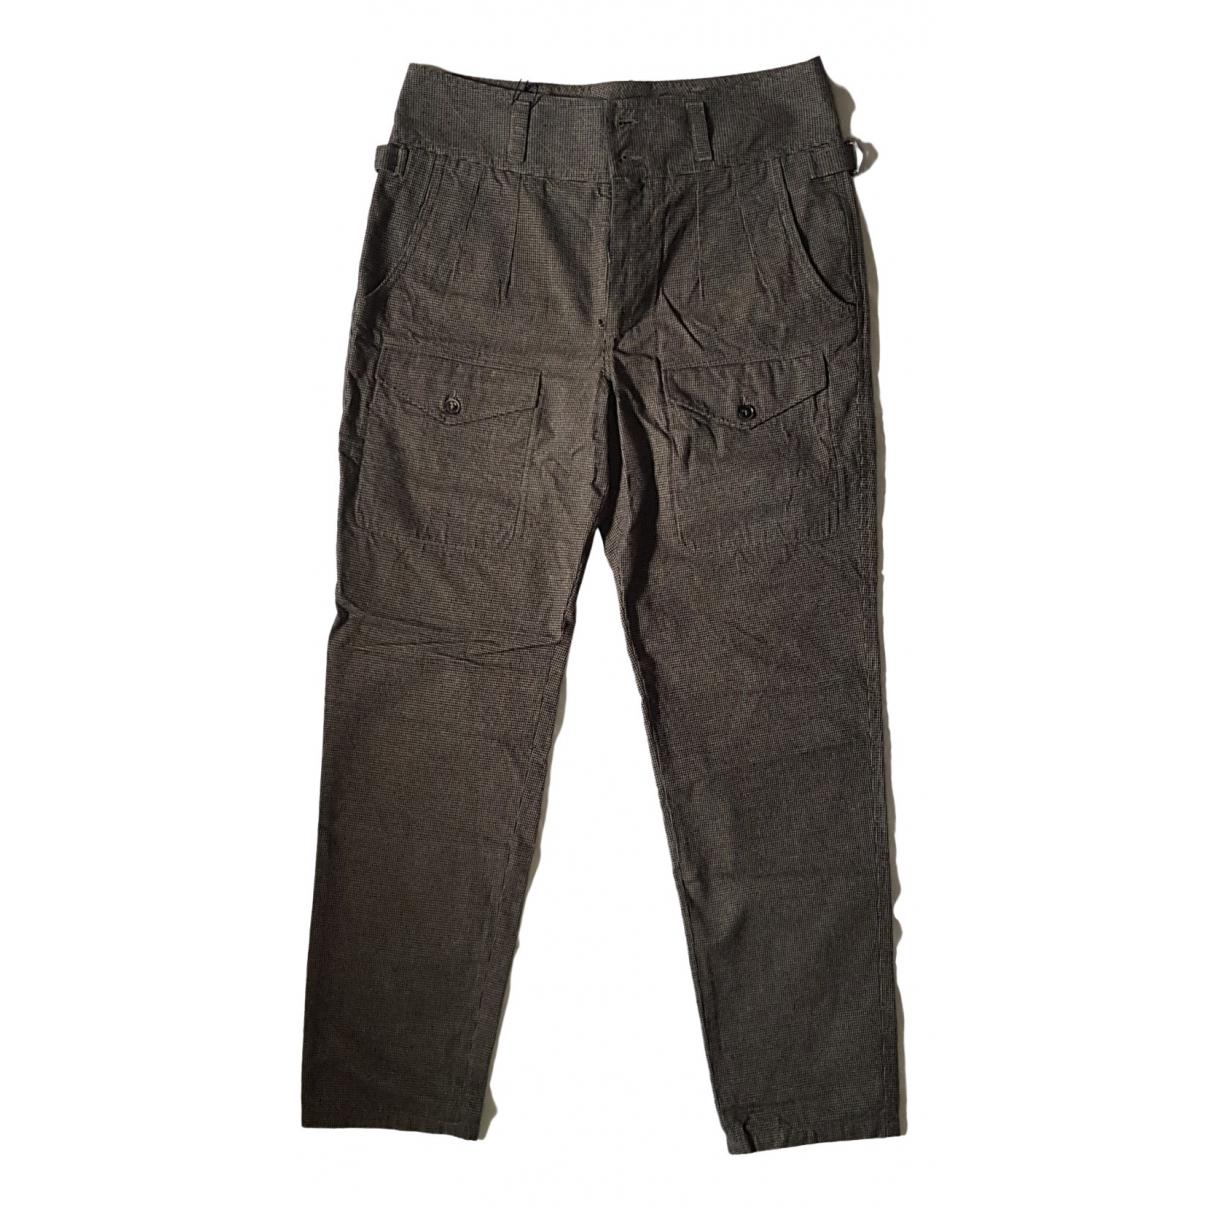 Pantalones en Algodon Beige Dolce & Gabbana